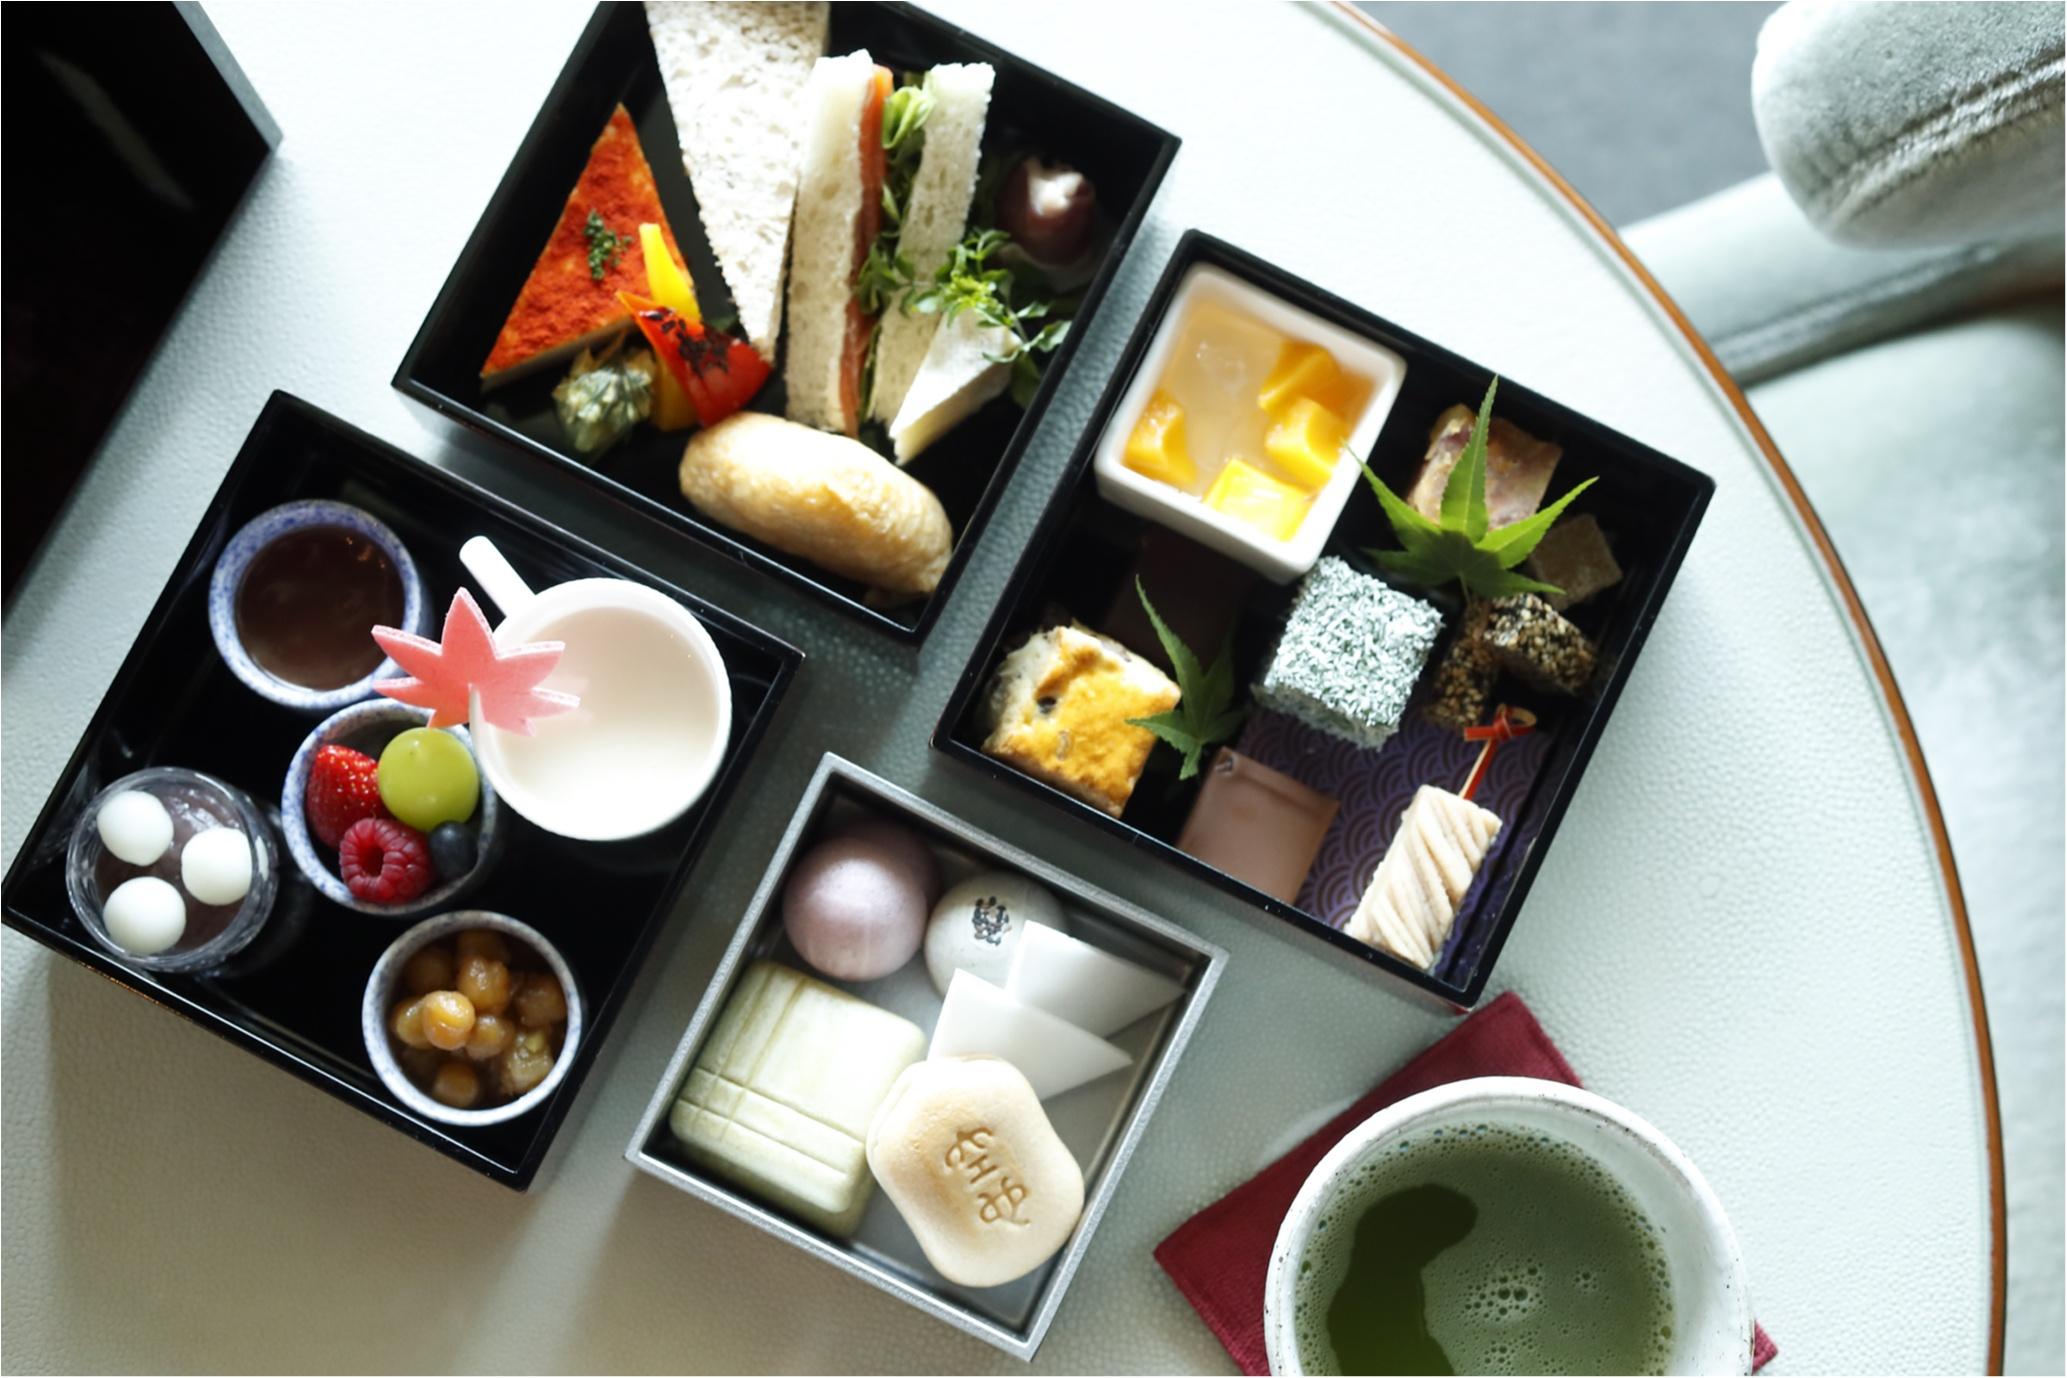 【9/1(金)〜11/30(木)限定】予約しないと買えない「空也もなか」入り! 『パレスホテル東京』の和アフタヌーンティーはSNS映え間違いなし♡_1